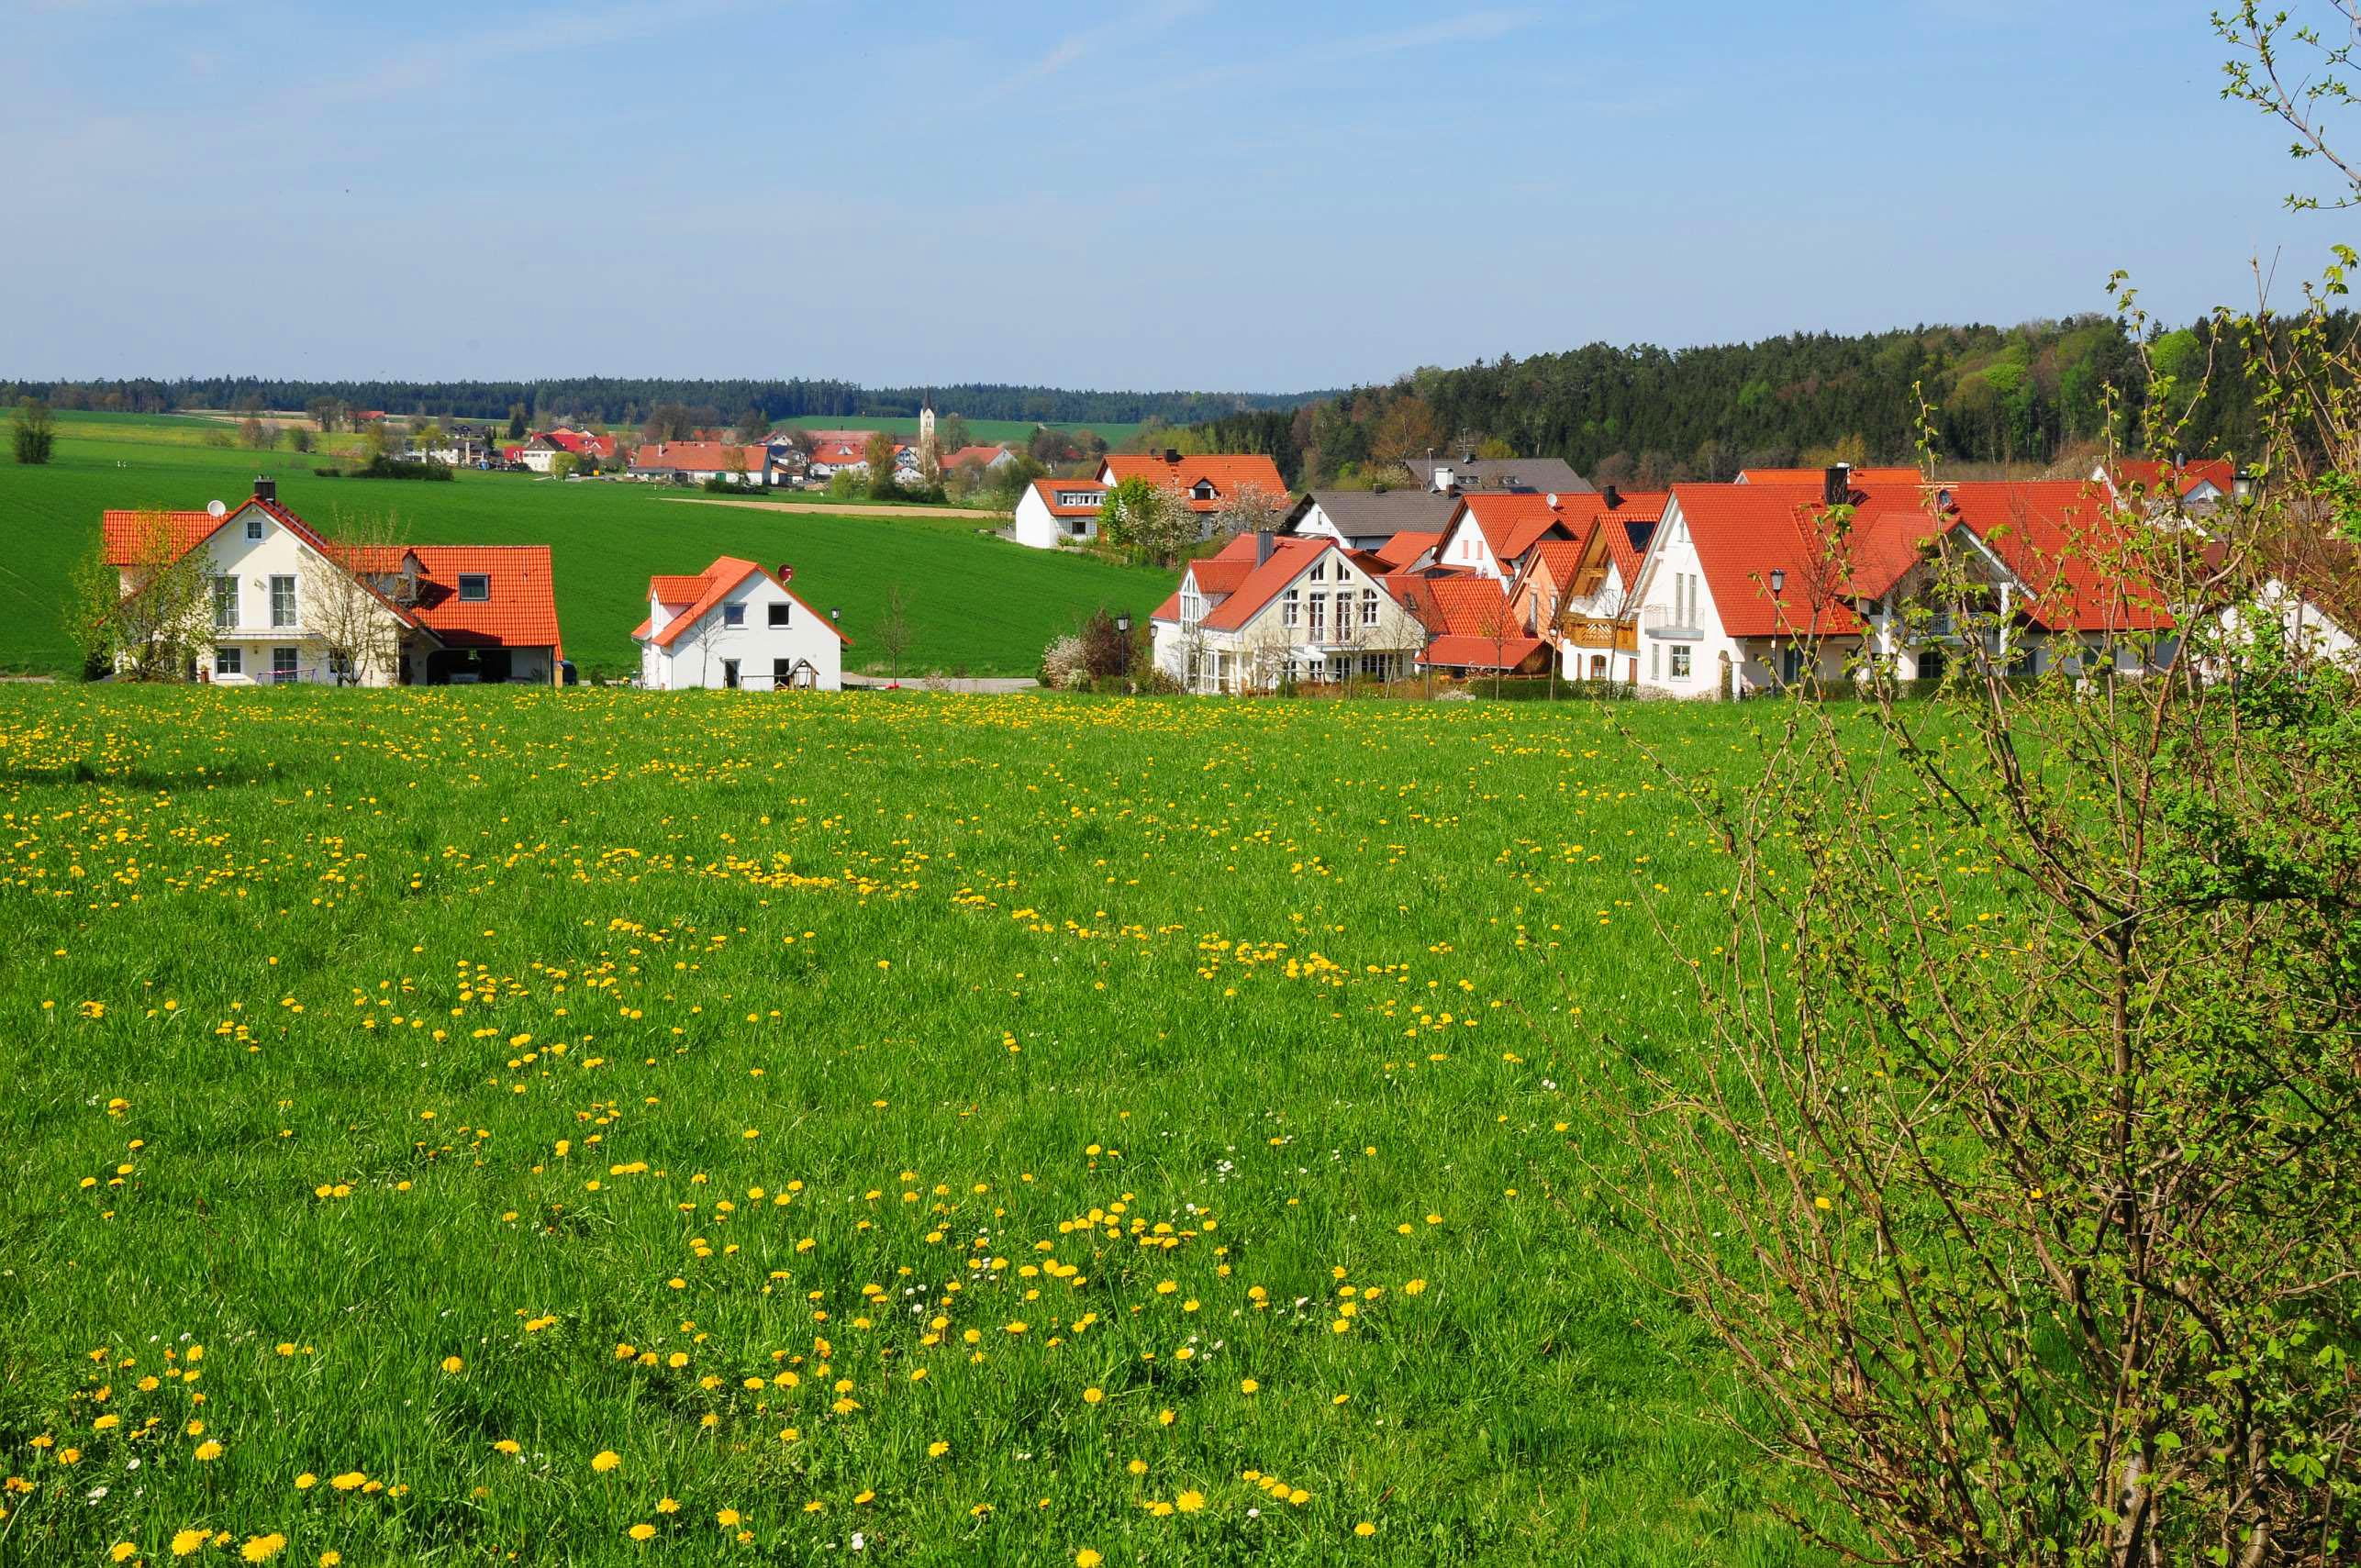 Klenau-Junkenhofen